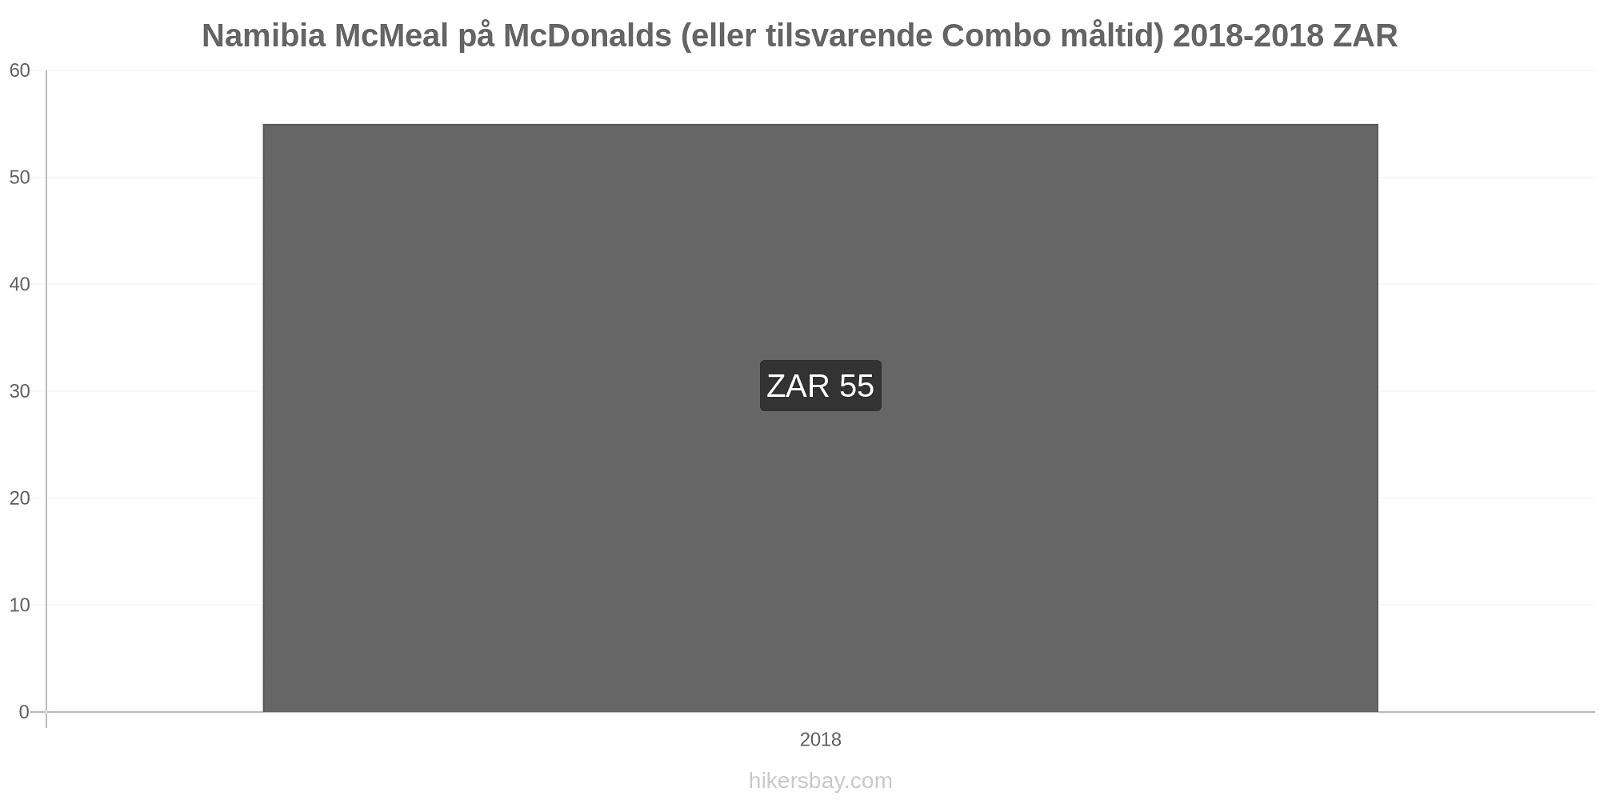 Namibia prisendringer McMeal på McDonalds (eller tilsvarende Combo måltid) hikersbay.com